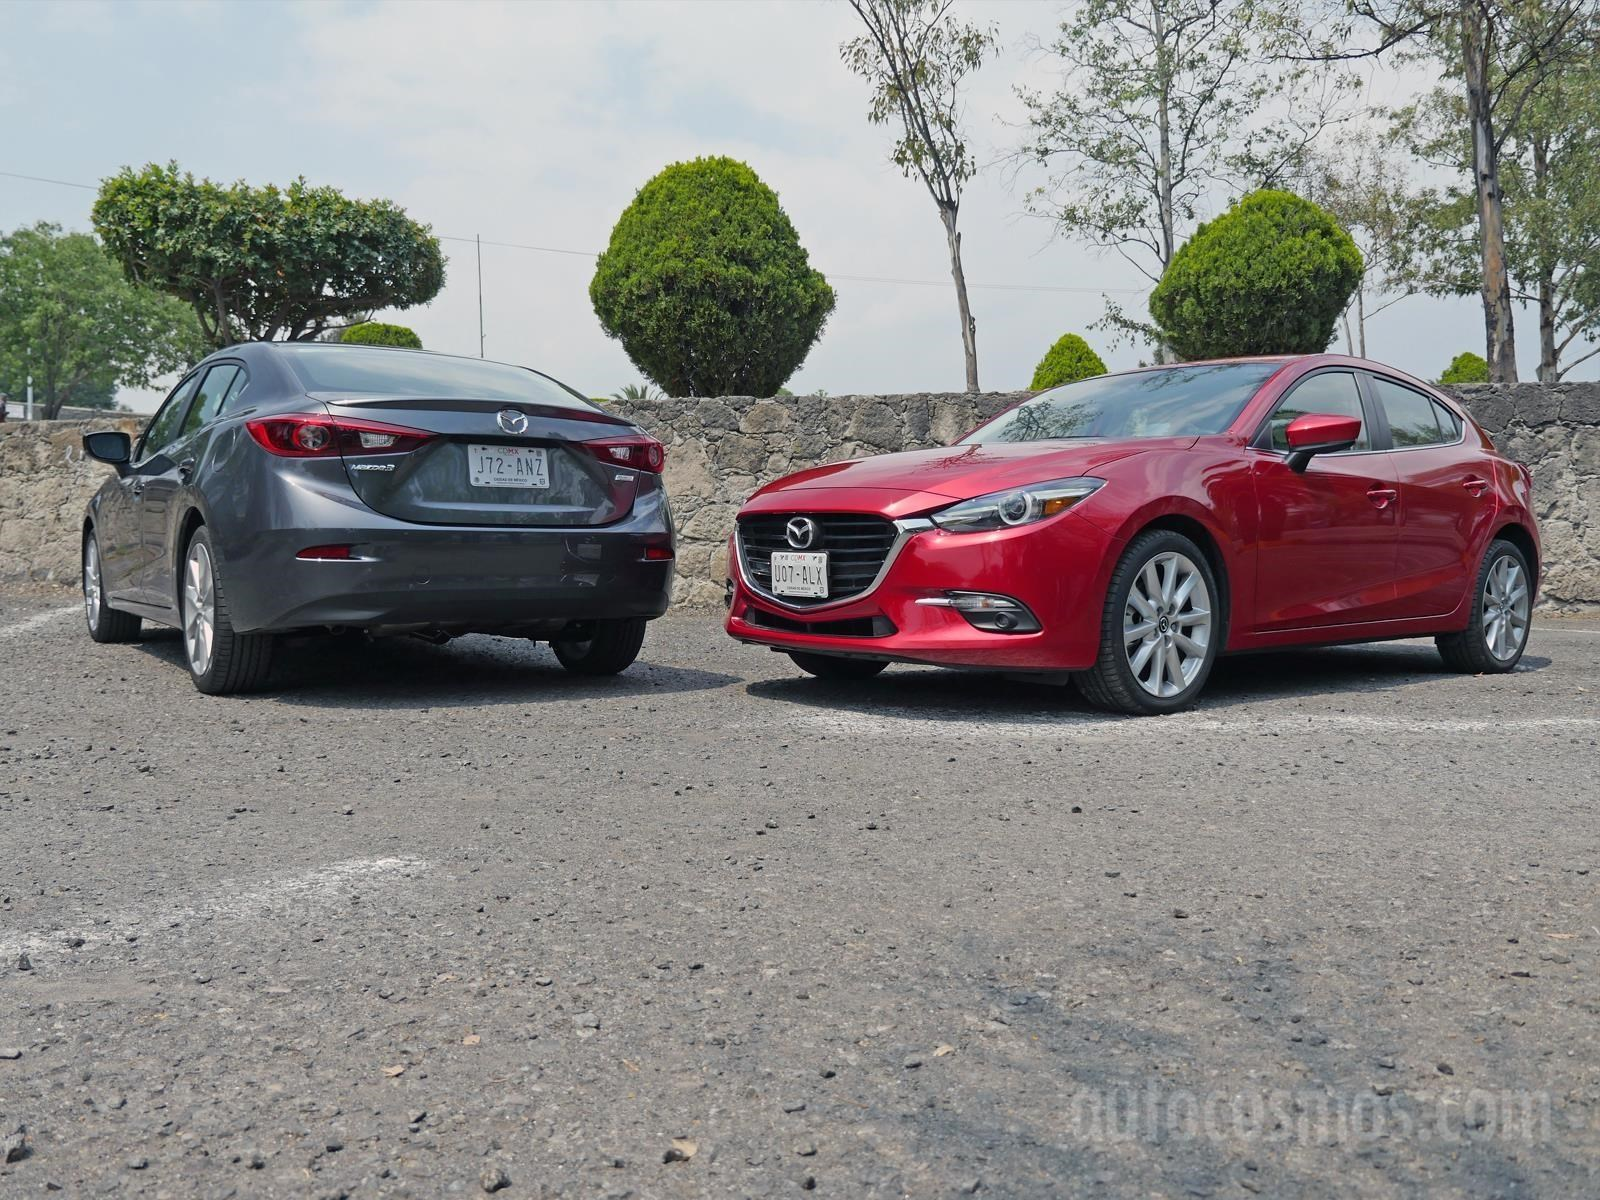 Duelo de mellizos Mazda 3 Sedán vs Mazda 3 Hatchback Autocosmos